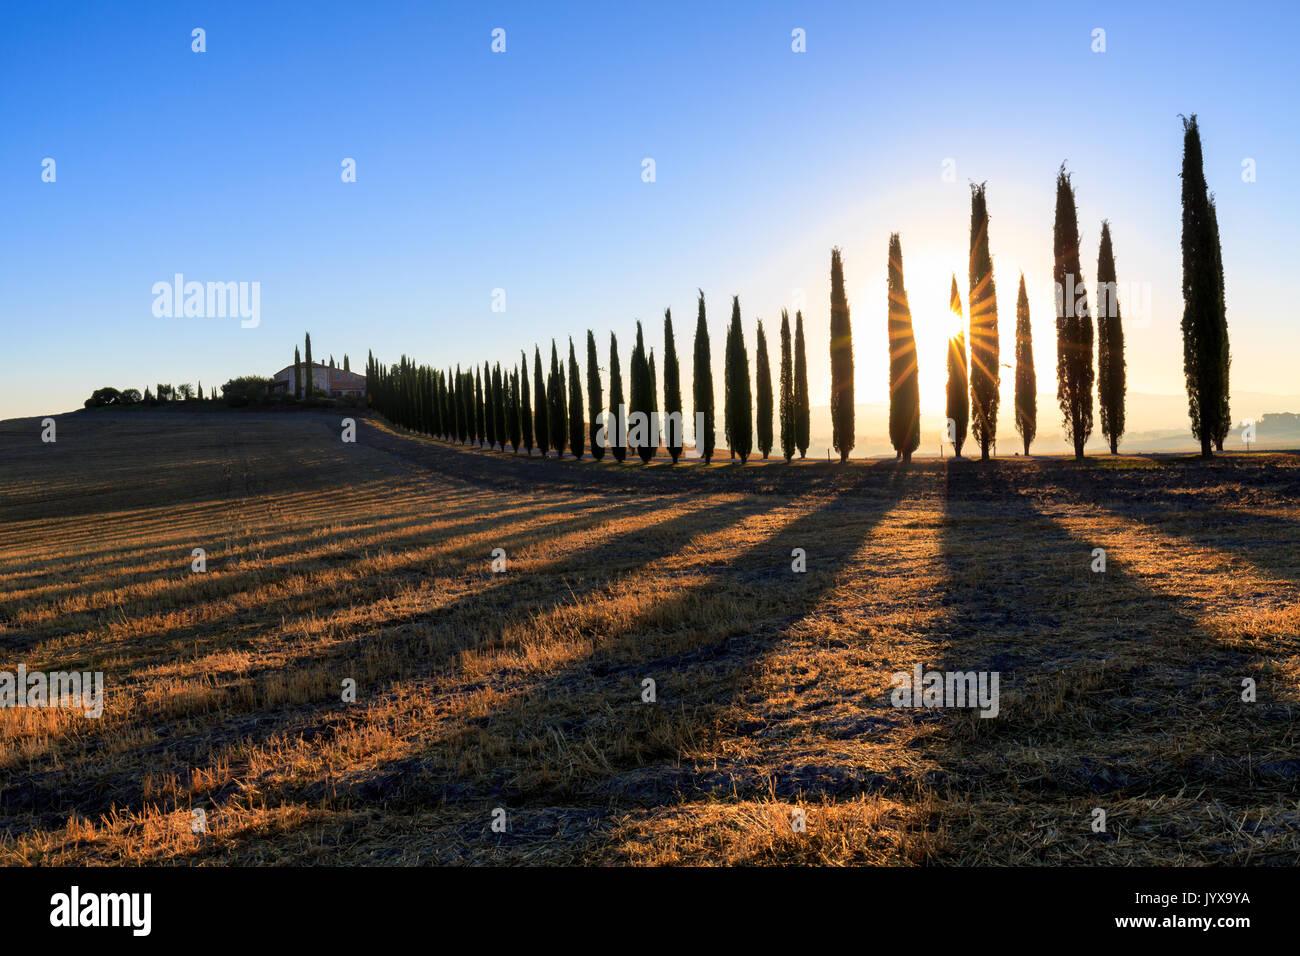 Paesaggio toscano con cipressi e cascina di sunrise, dawn, San Quirico d'Orcia, Val d'Orcia, Toscana, Italia Immagini Stock